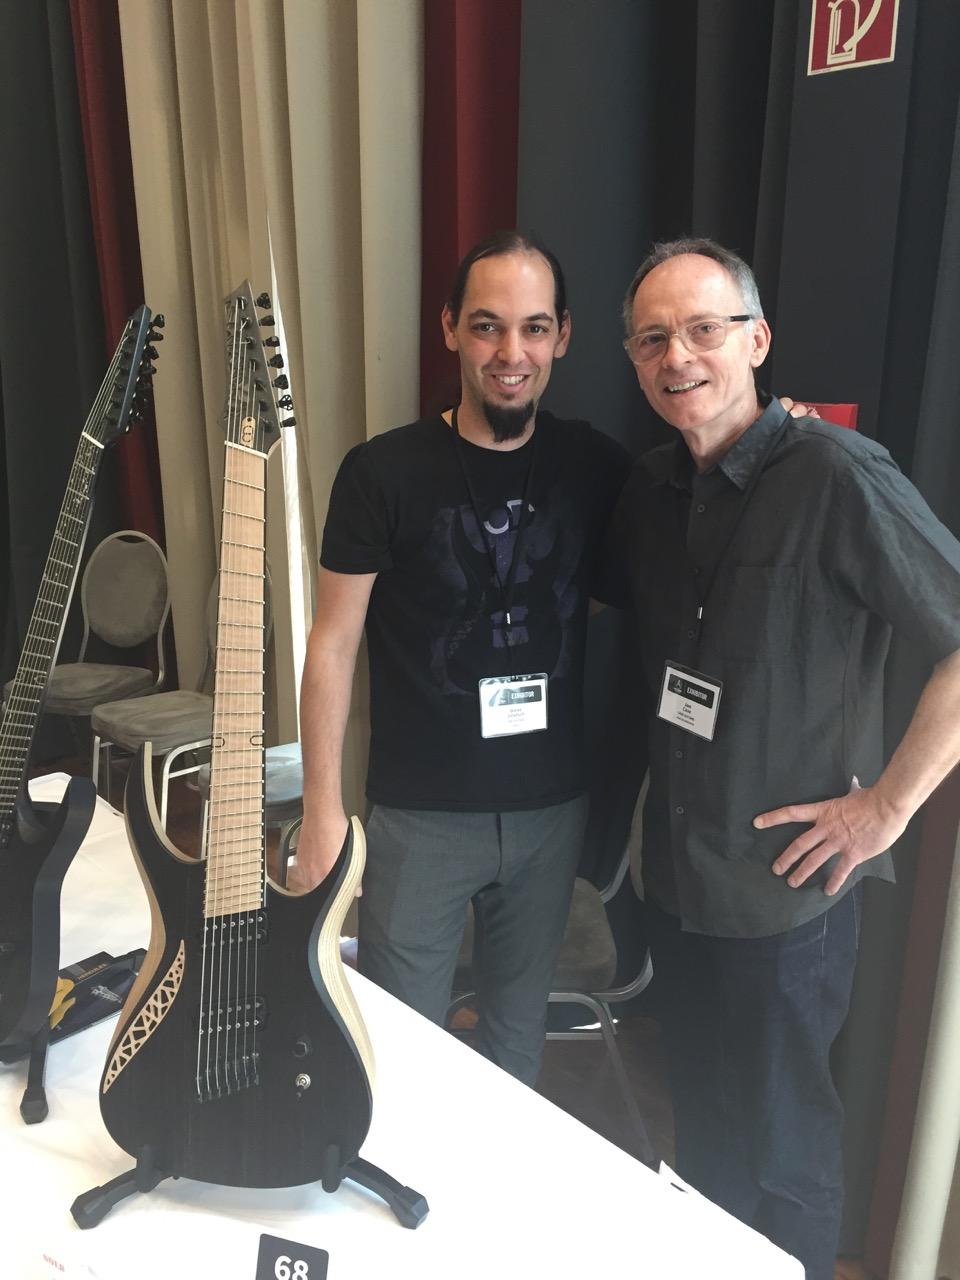 Omer Deutsch of OD Guitars with Jon Case